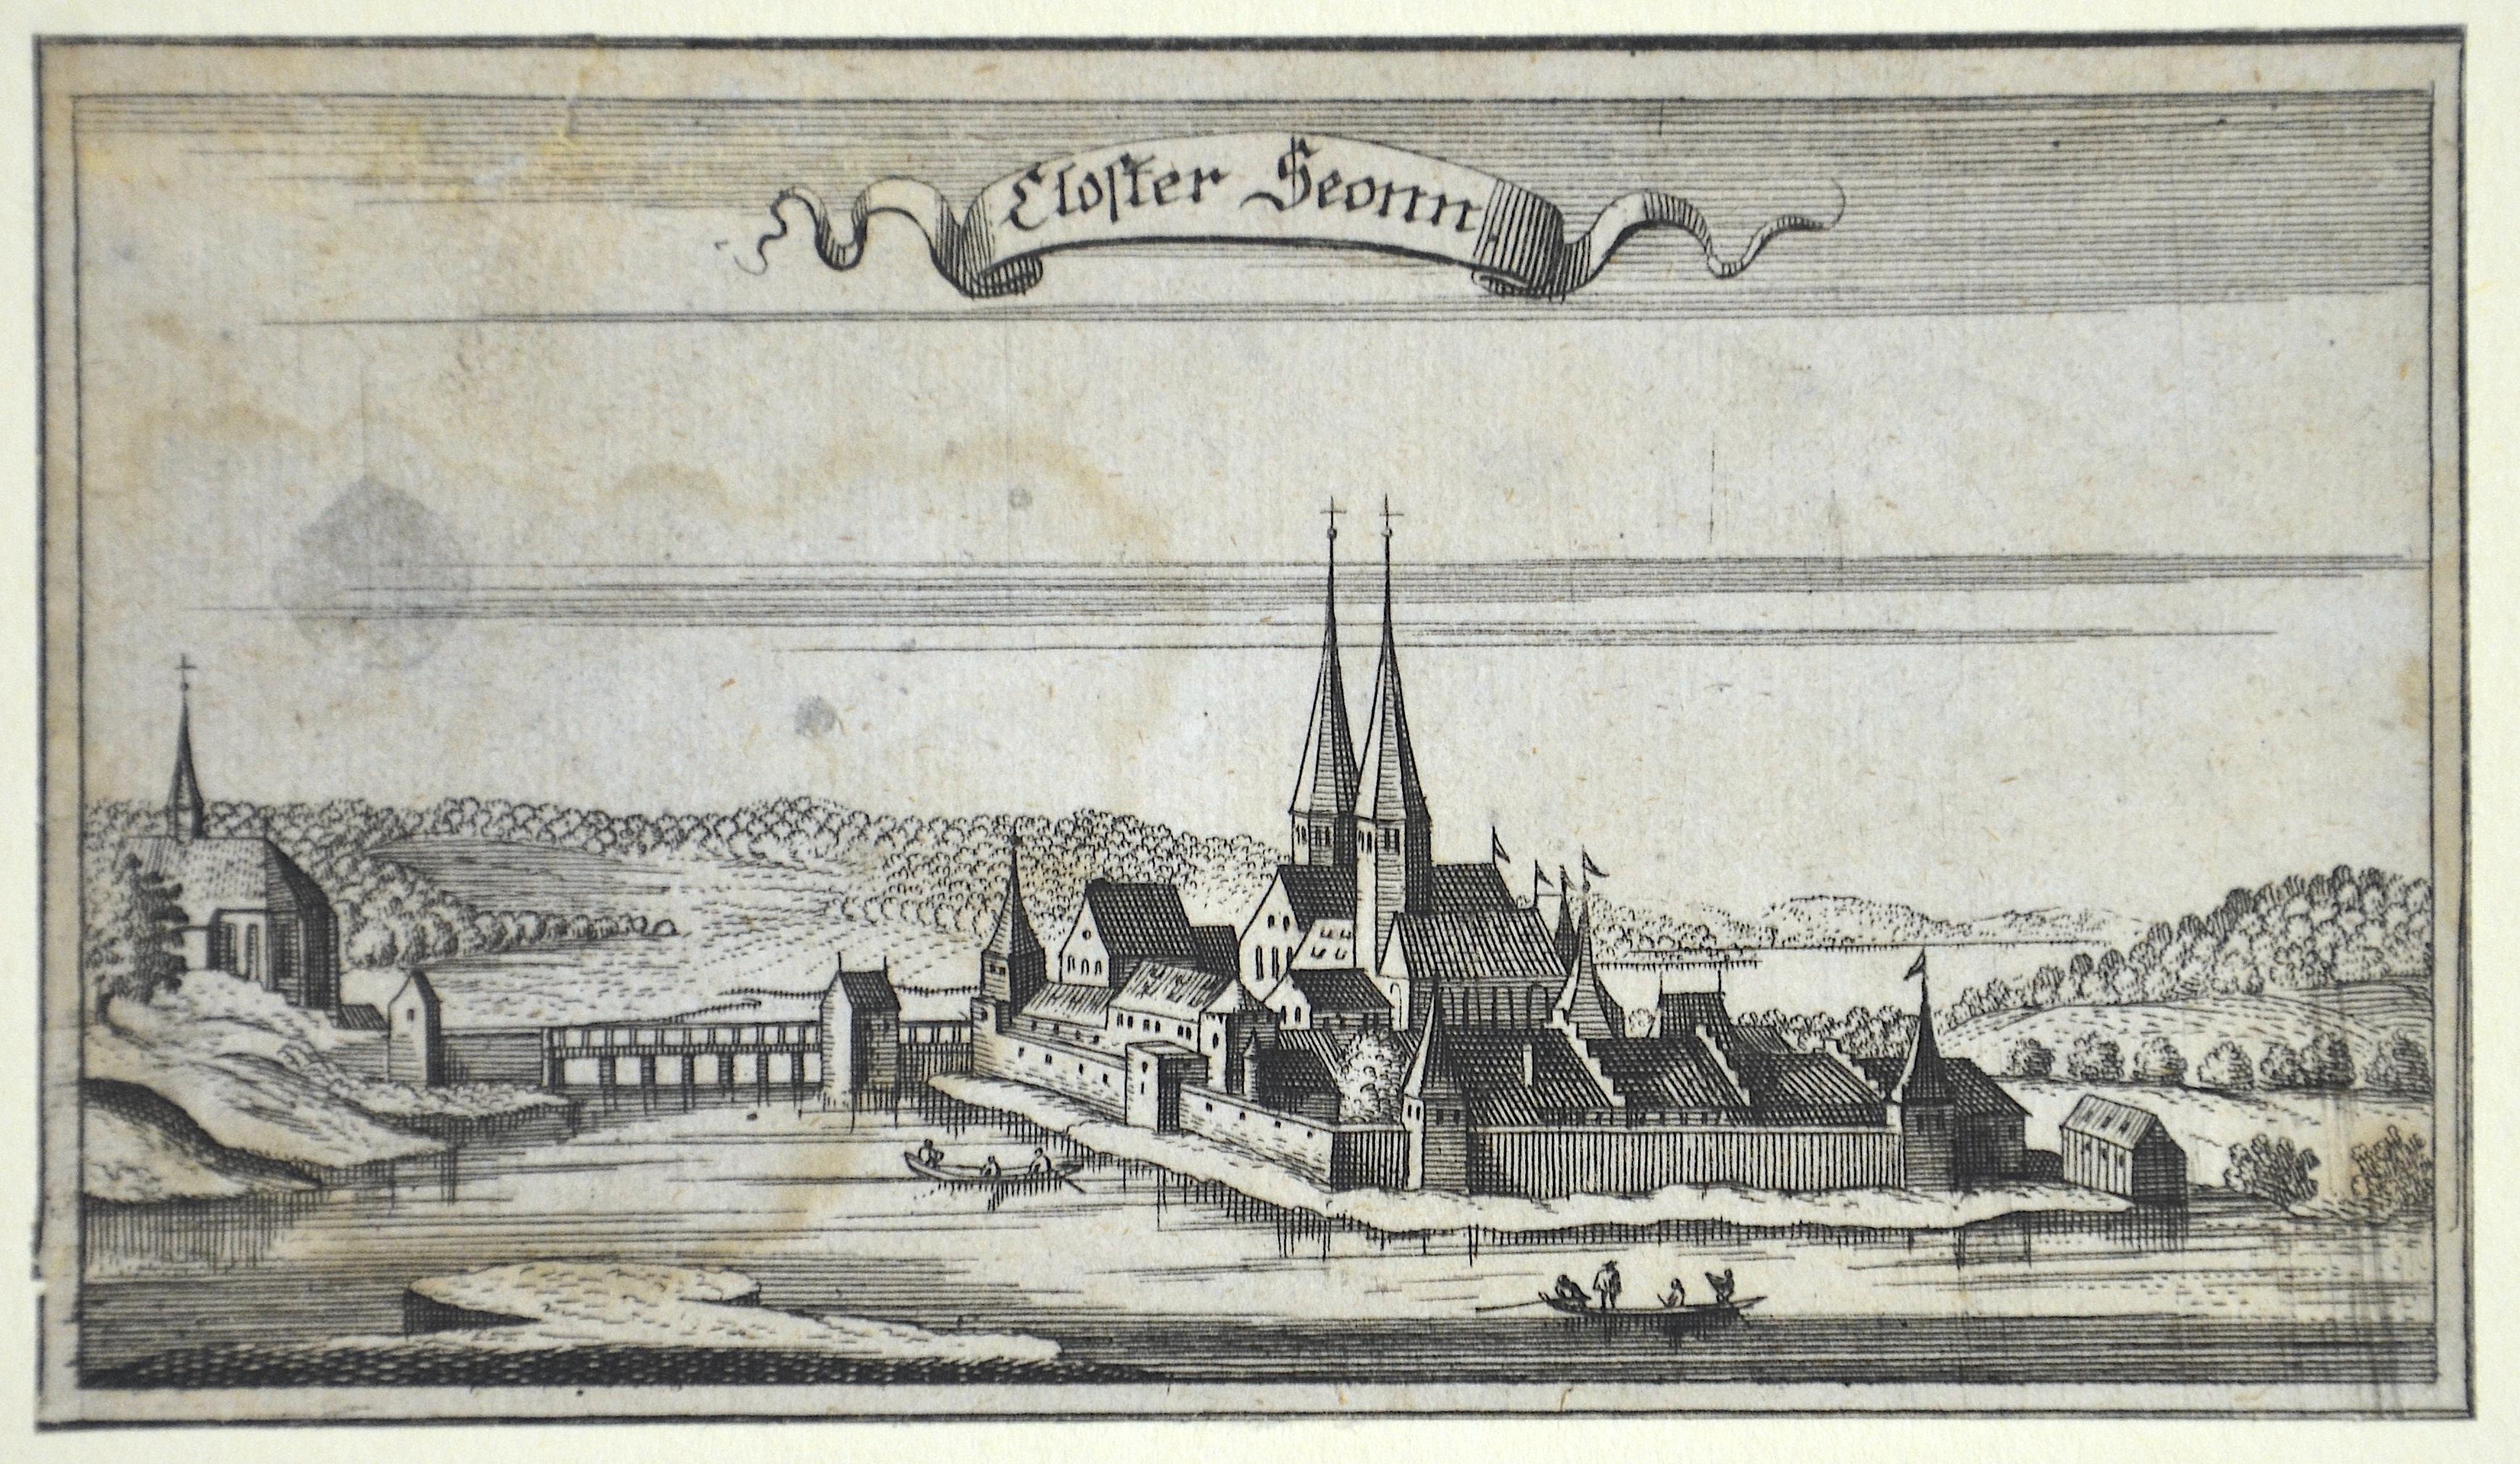 Ertl  Closter Seonn.